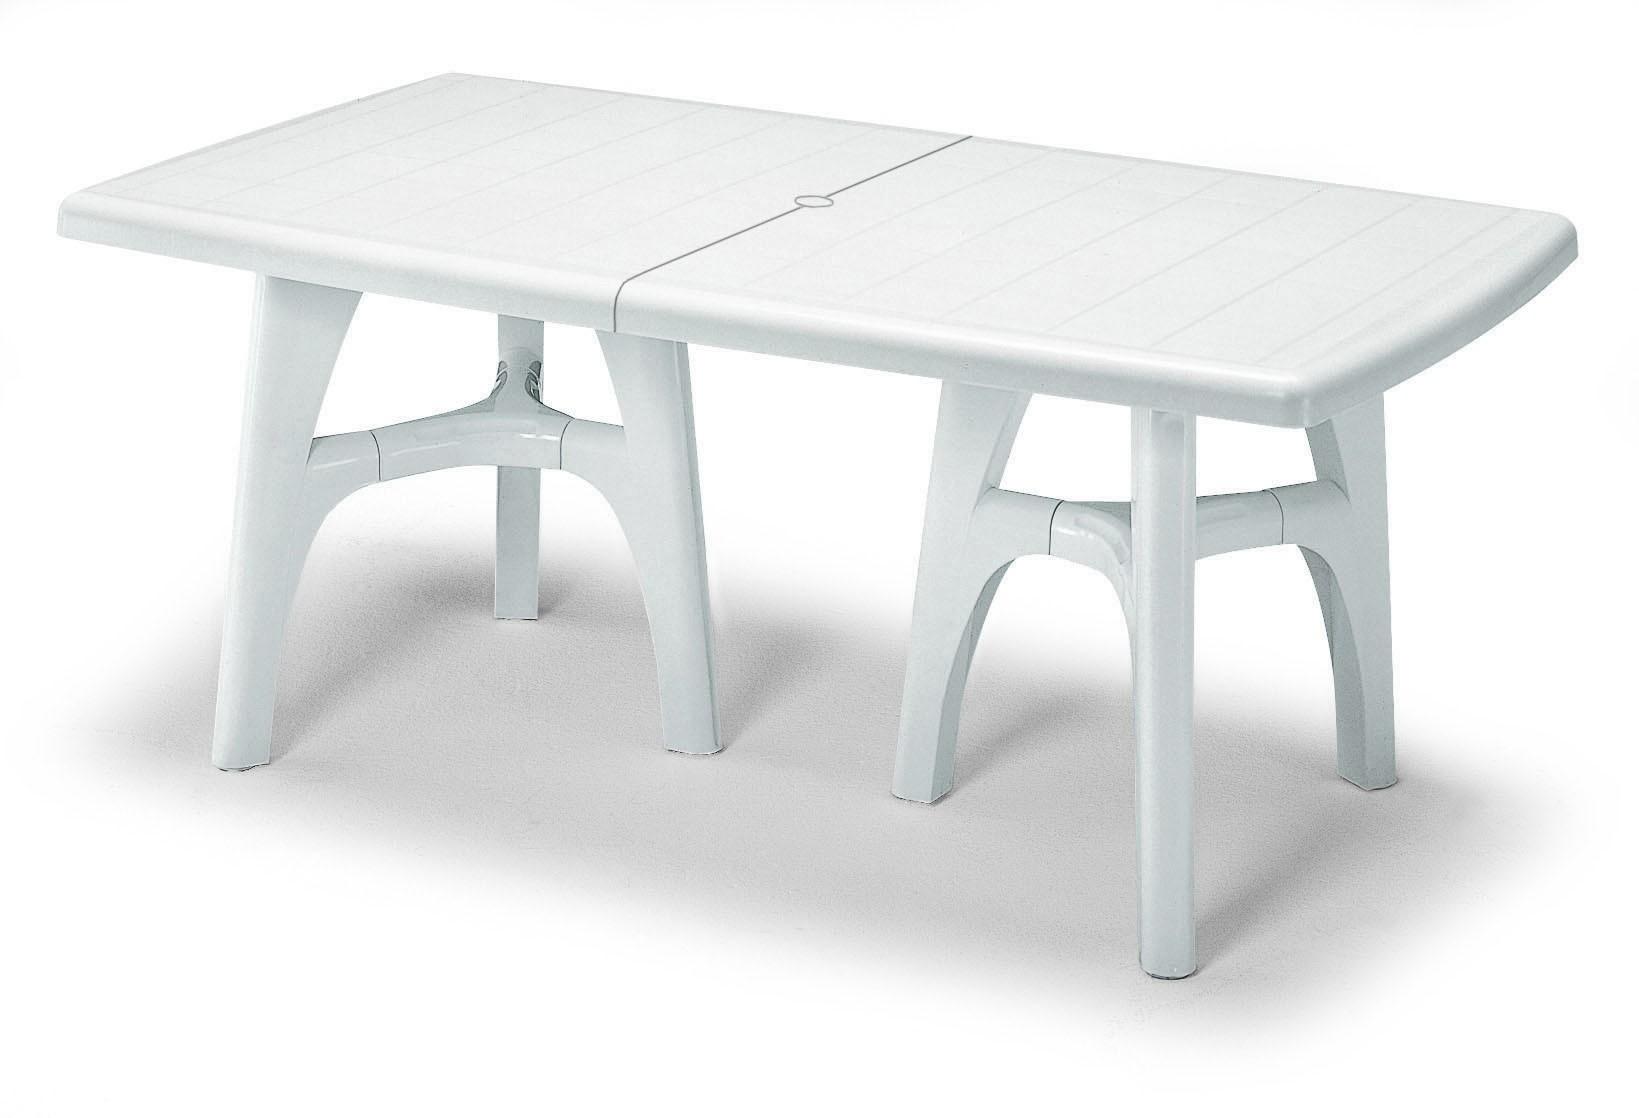 Casa immobiliare accessori tavoli in resina allungabili for Offerte divanetti da giardino